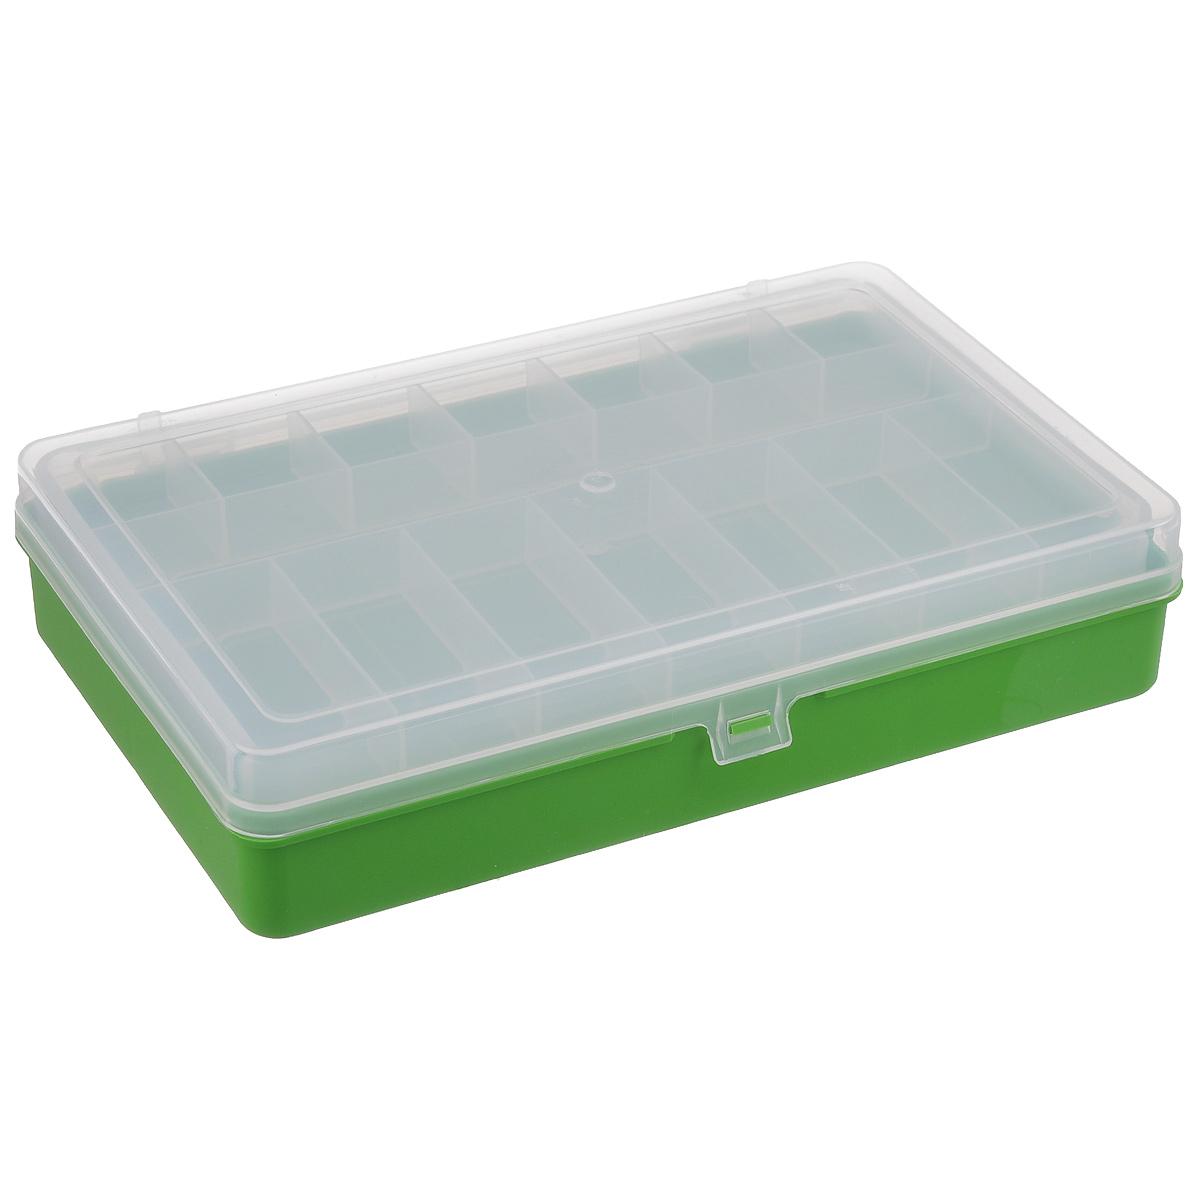 Коробка для мелочей Trivol, двухъярусная, цвет: зеленый, 23,5 х 15 х 6 см525823_зеленыйДвухъярусная коробка для мелочей Trivol изготовлена из высококачественного пластика. Прозрачная крышка позволяет видеть содержимое коробки. Изделие имеет два яруса. Верхний ярус представляет собой съемное отделение, в котором содержится 15 прямоугольных ячеек. Нижний ярус имеет 3 ячейки разного размера. Коробка прекрасно подойдет для хранения швейных принадлежностей, рыболовных снастей, мелких деталей и других бытовых мелочей. Удобный и надежный замок-защелка обеспечивает надежное закрывание крышки. Коробка легко моется и чистится. Такая коробка поможет держать вещи в порядке. Размер самой маленькой ячейки: 3,5 см х 3 см х 1,7 см. Размер самой большой ячейки: 13 см х 14,5 см х 5 см.